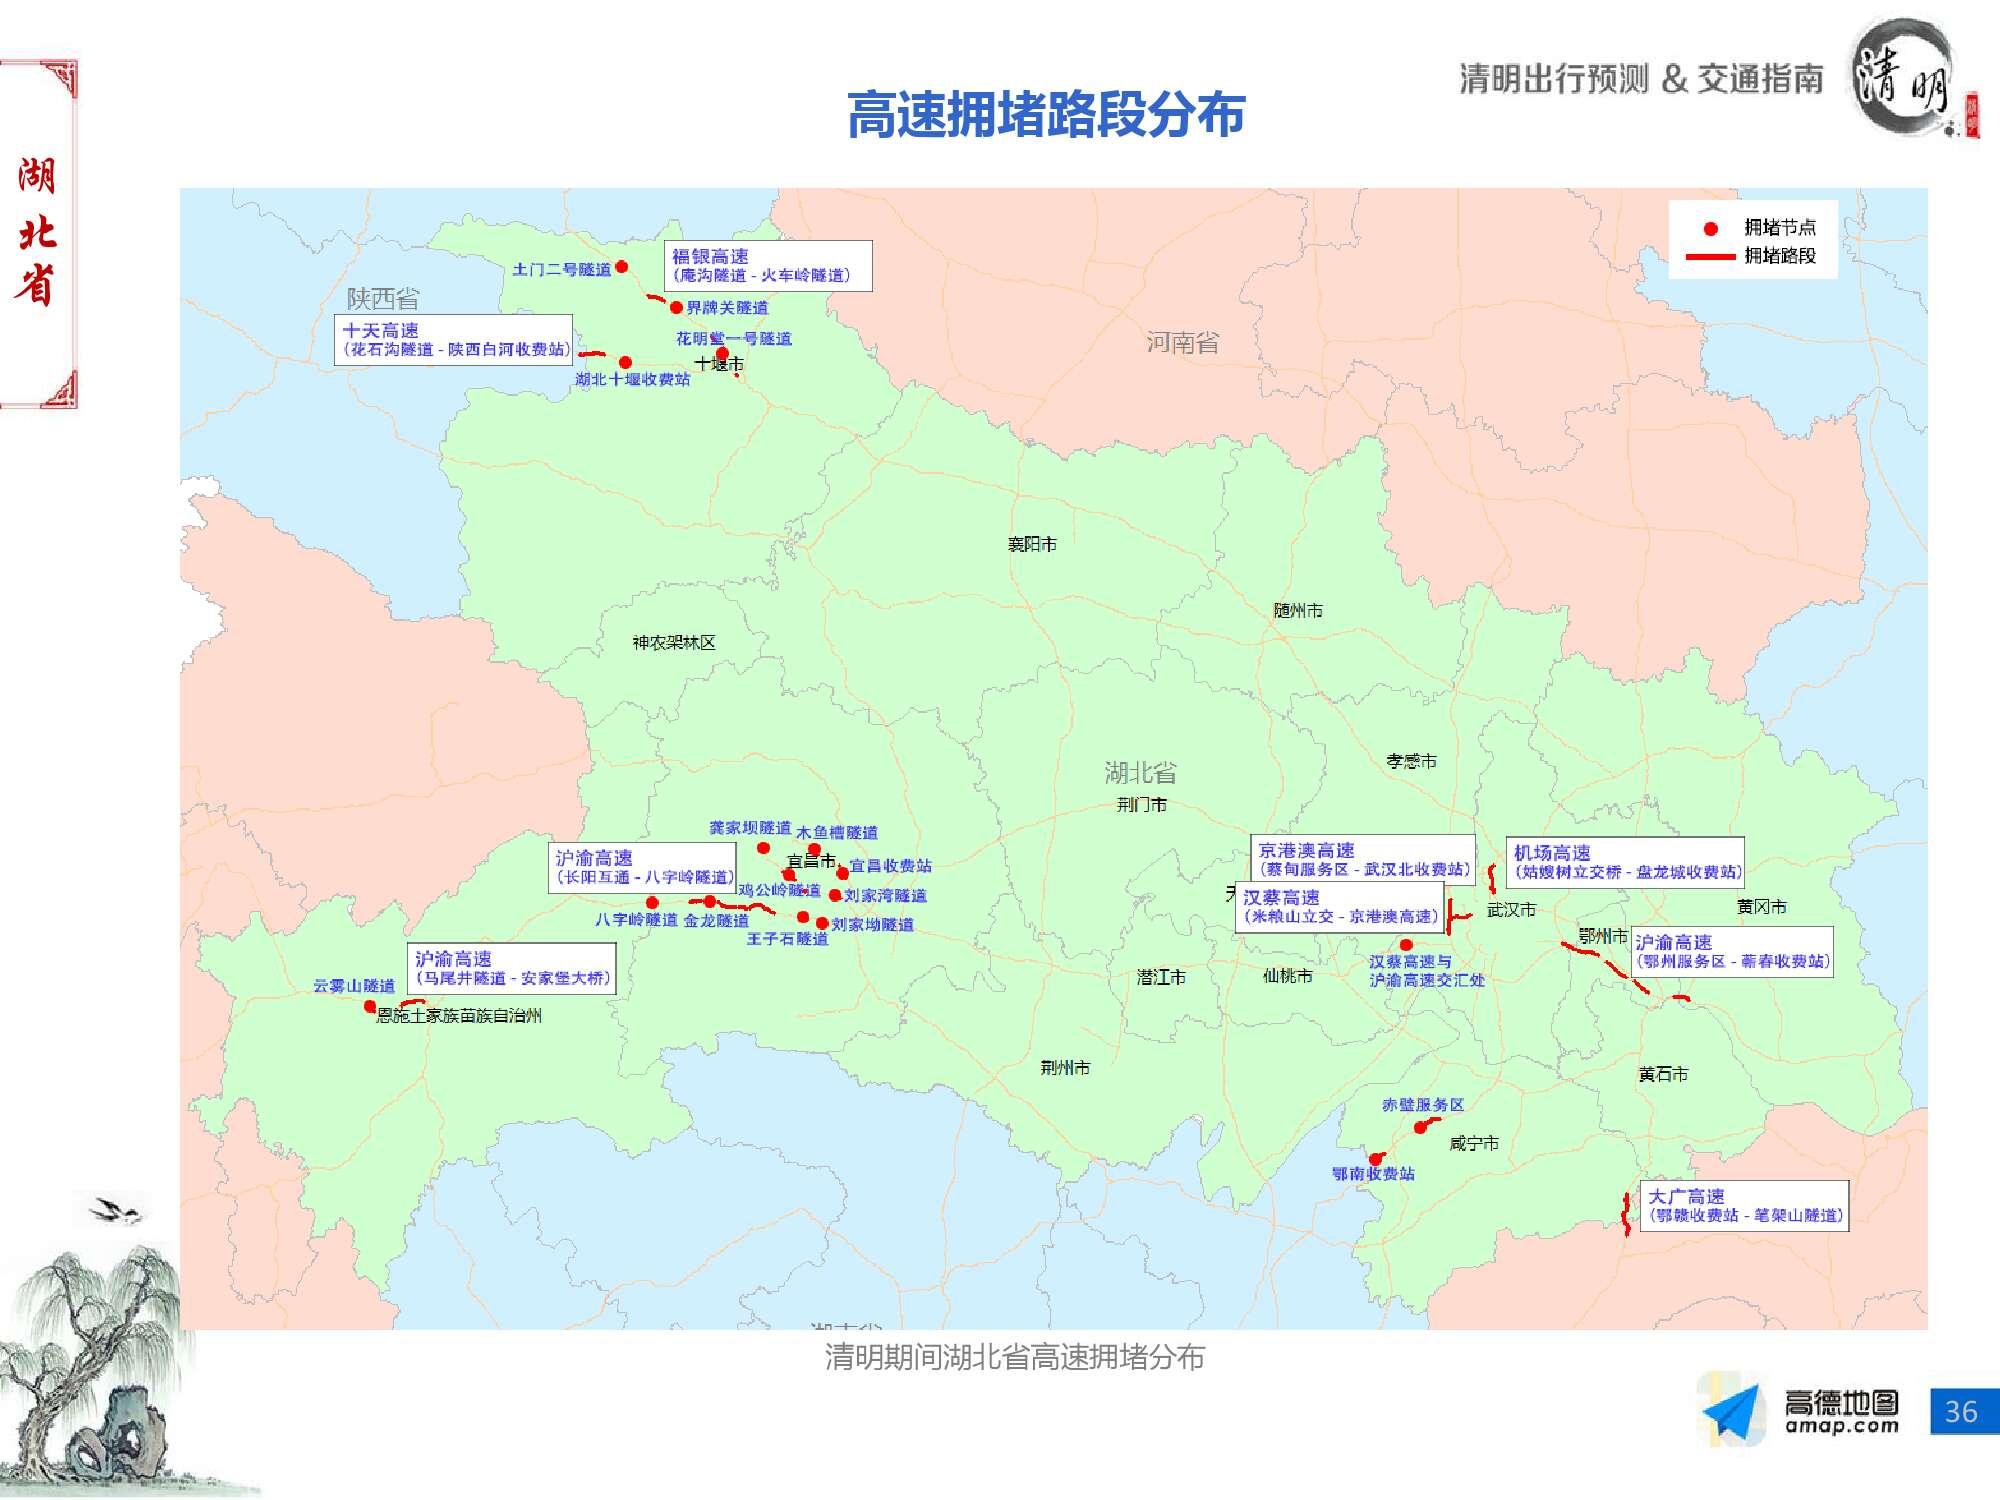 2016年清明节出行预测报告-final_000036